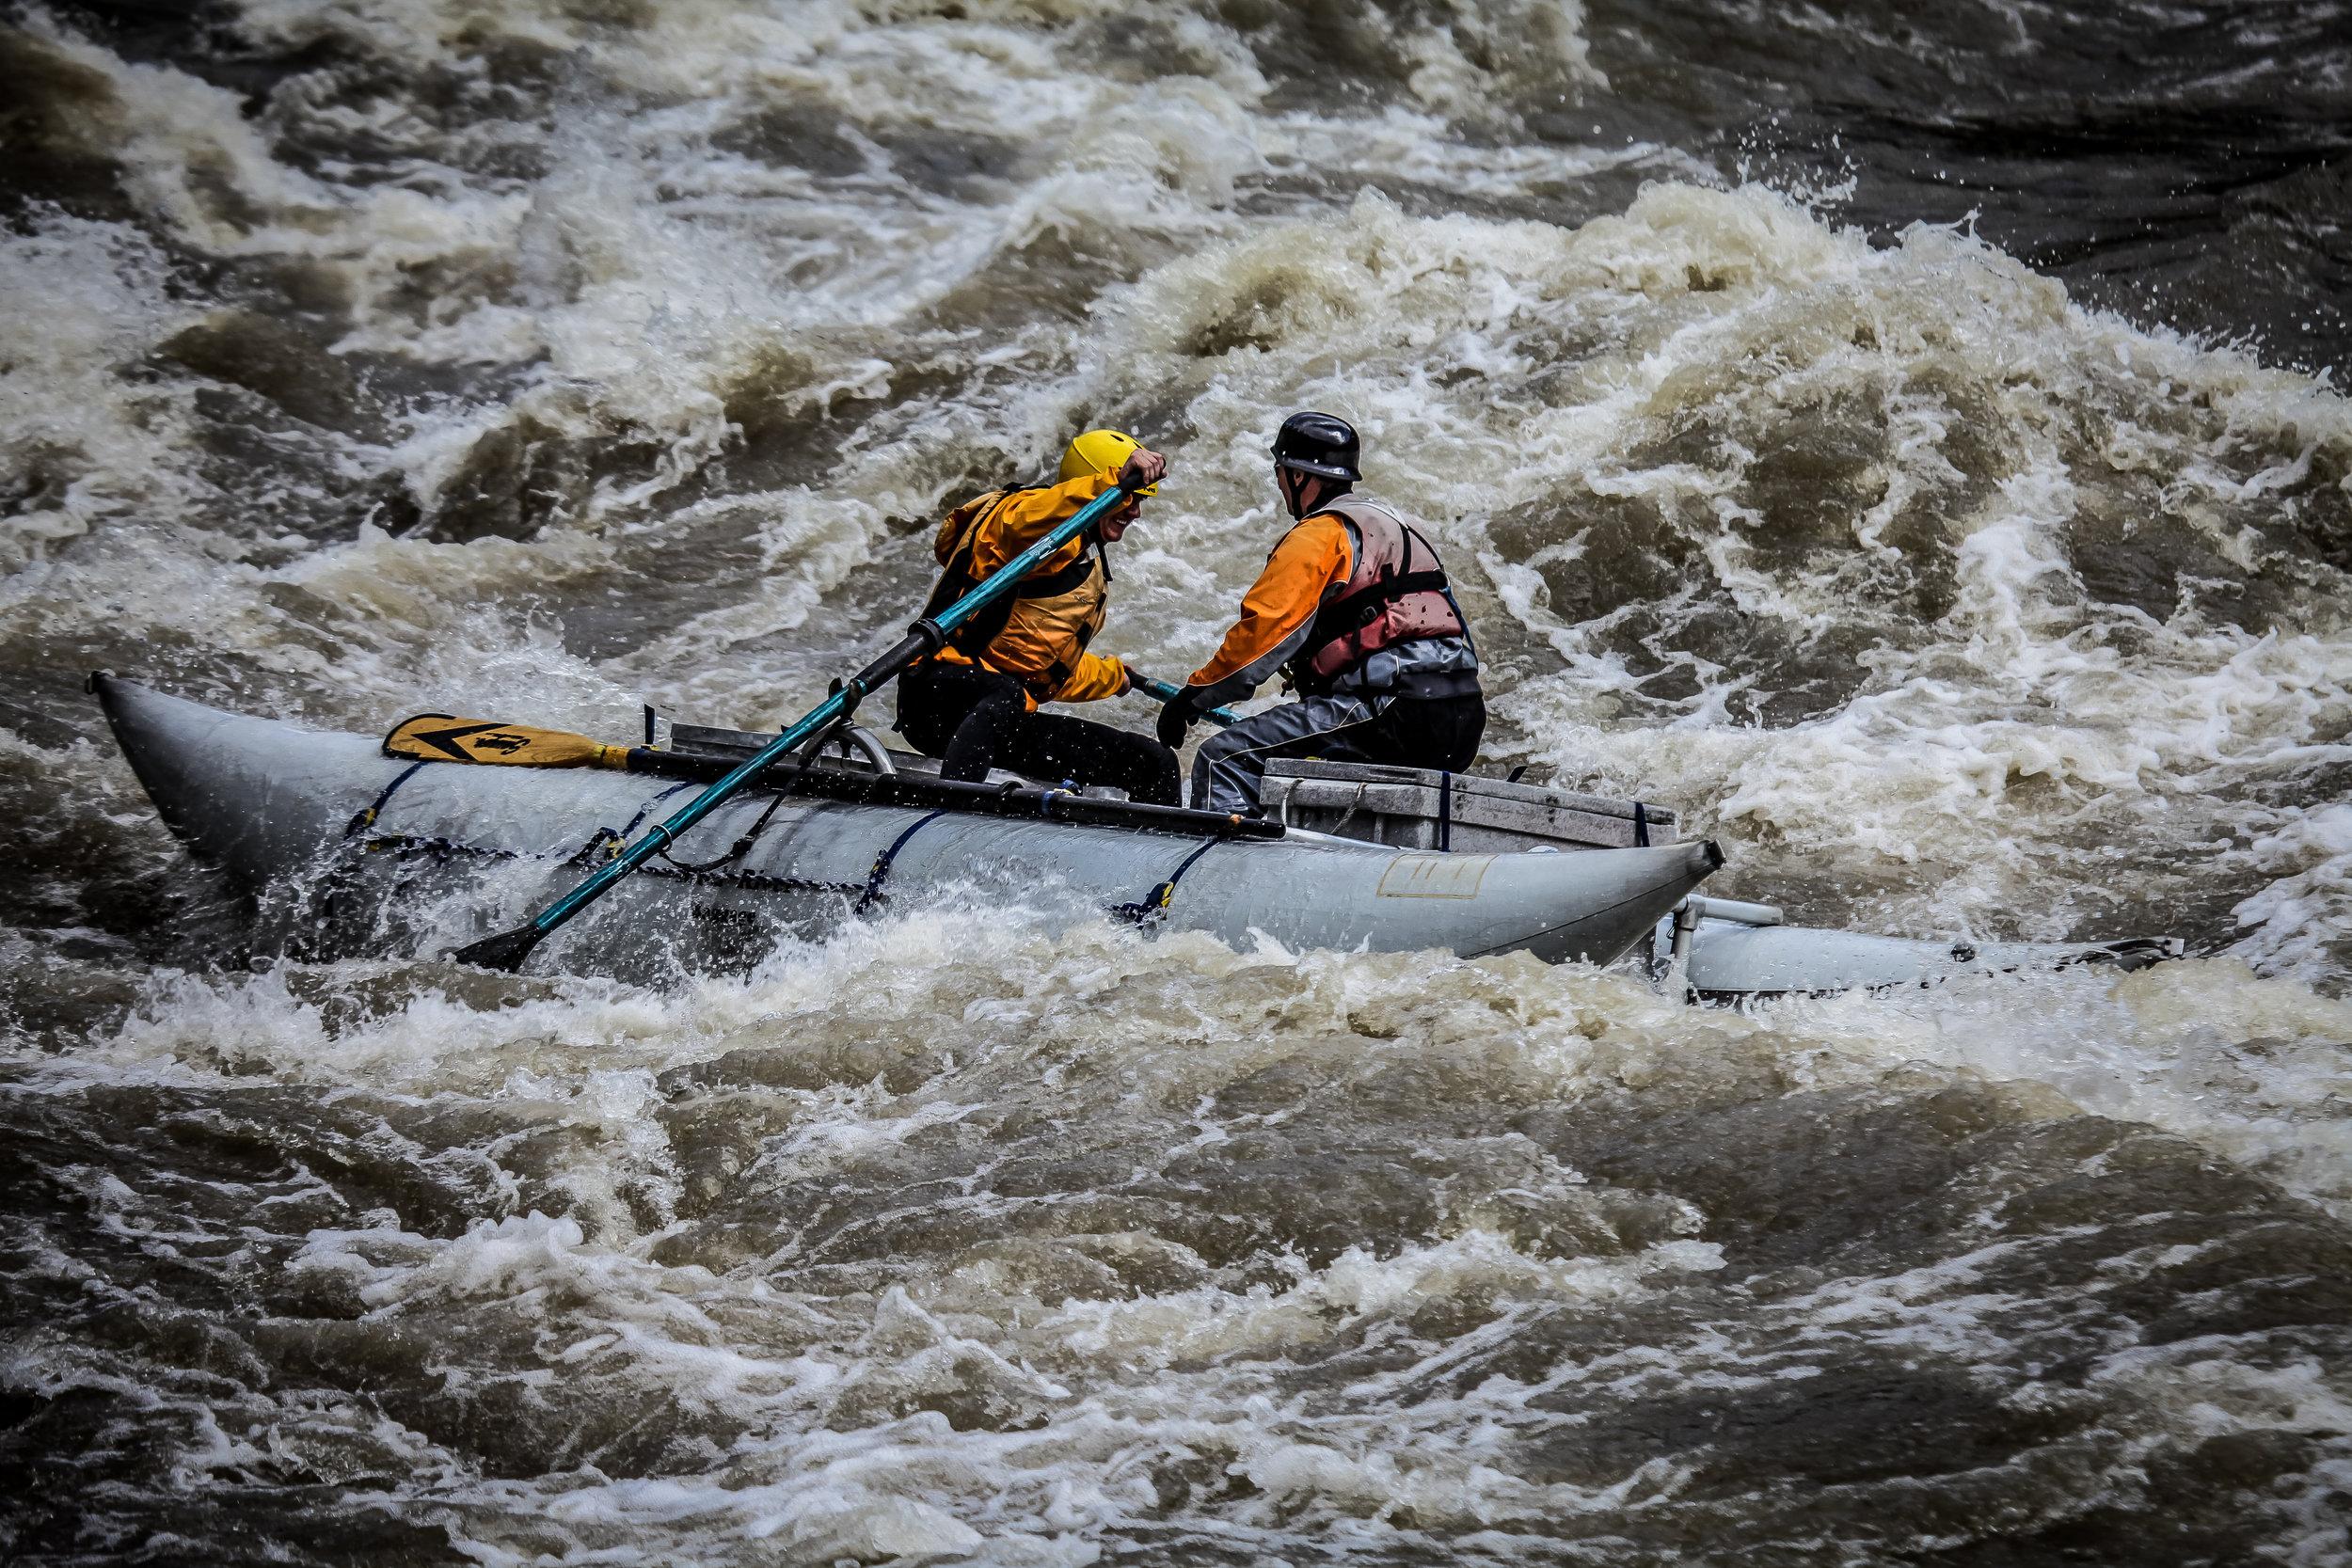 Nonmotorized rescue boat operator course